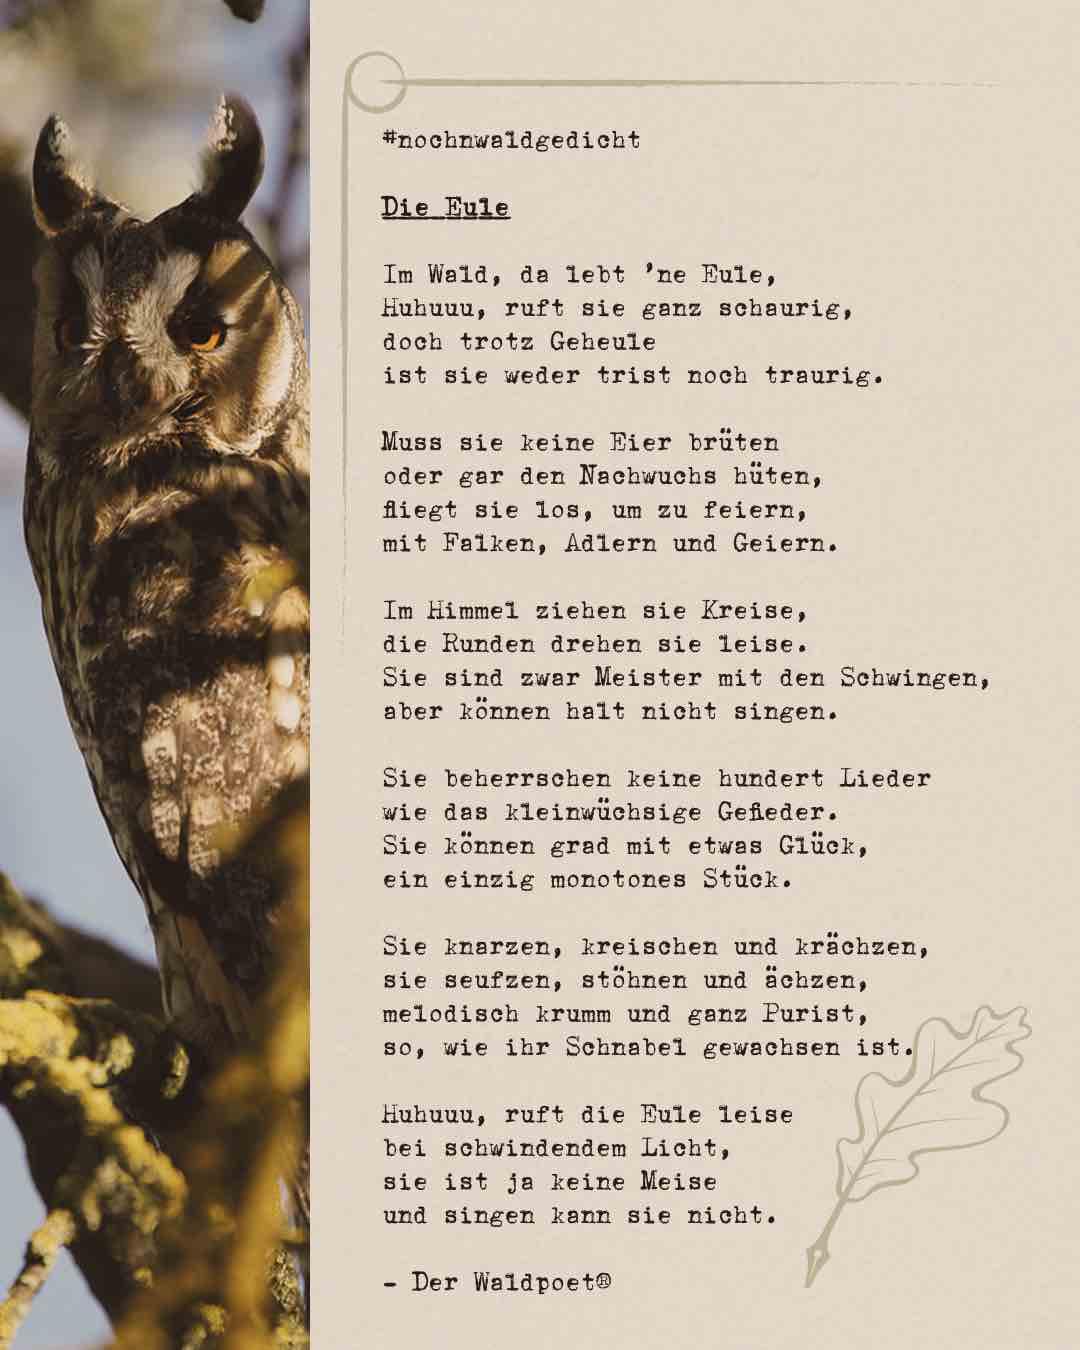 Die-Eule